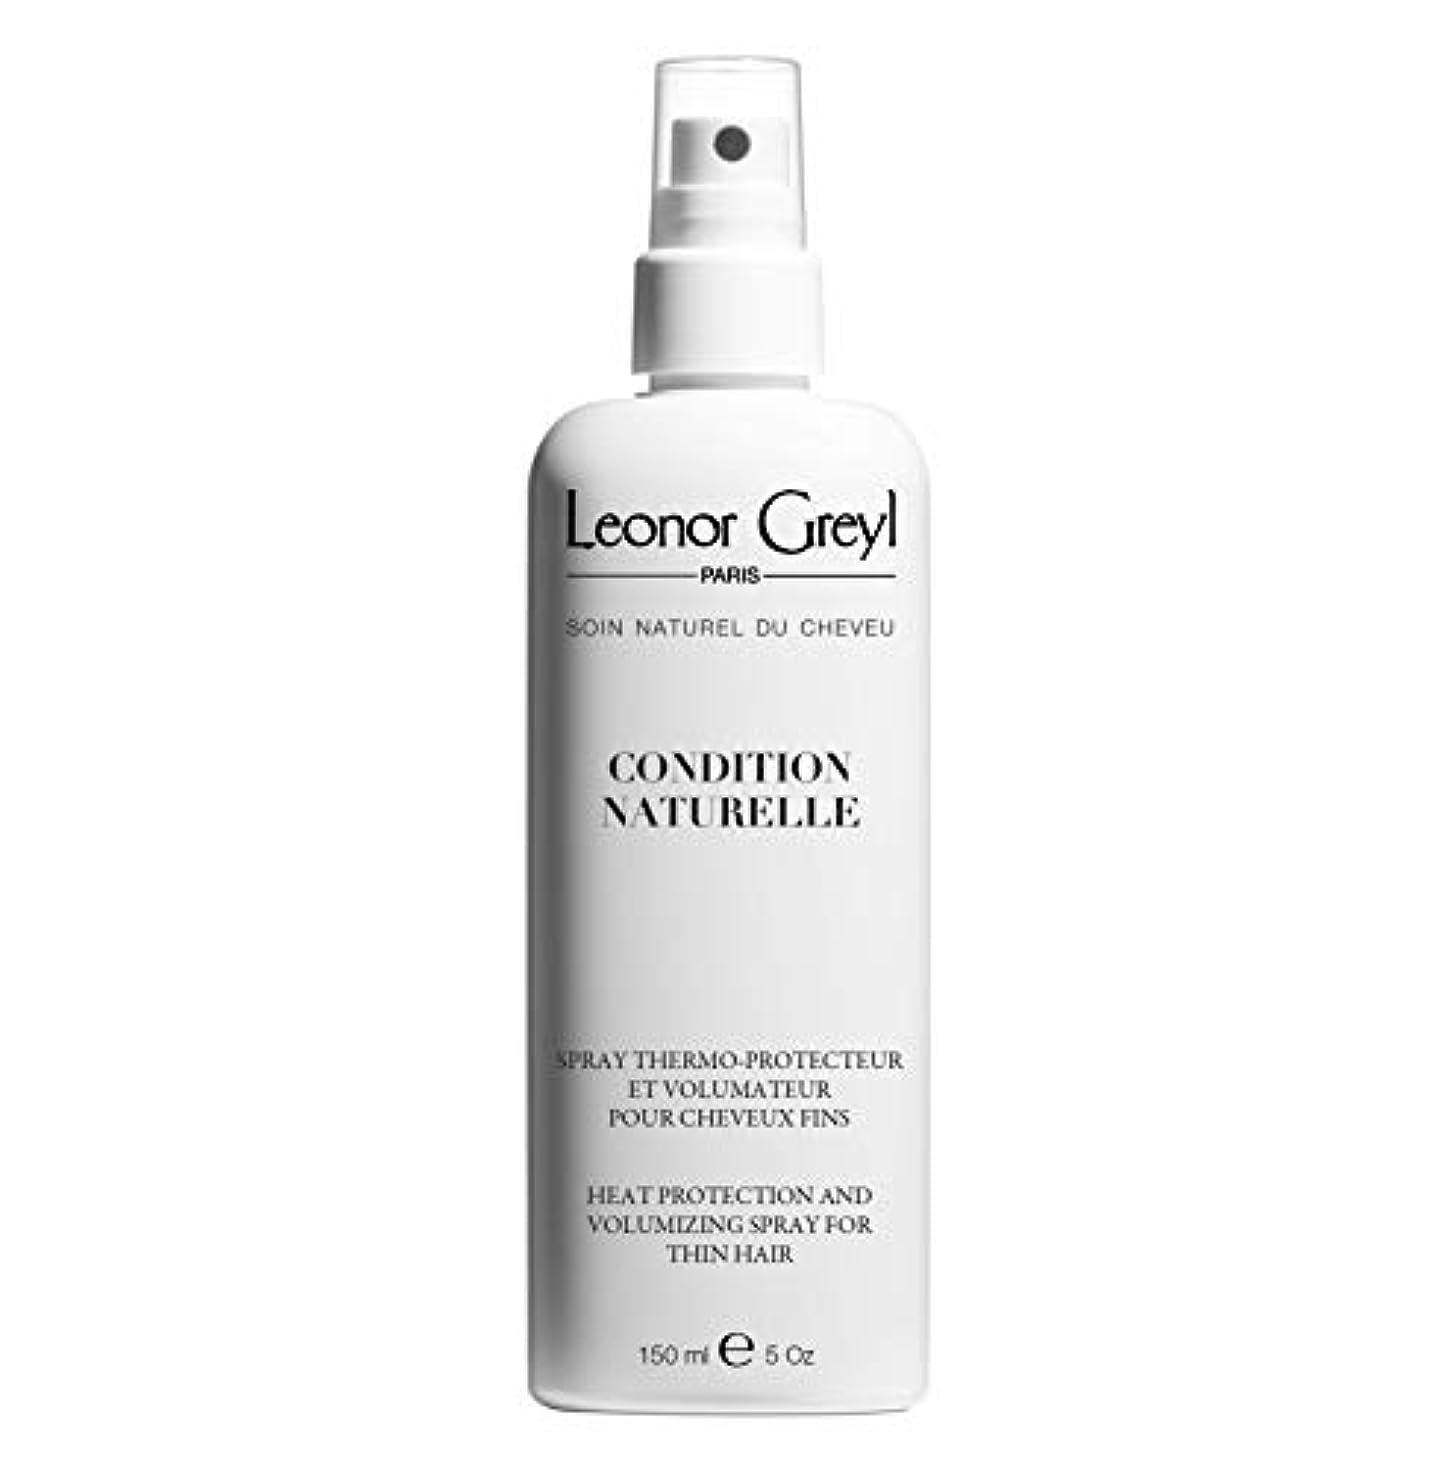 管理つらい正気Leonor Greyl Paris コンディションNaturelle - 熱は保護とボリューム化は薄い髪、5.2オンスのためのスプレー。